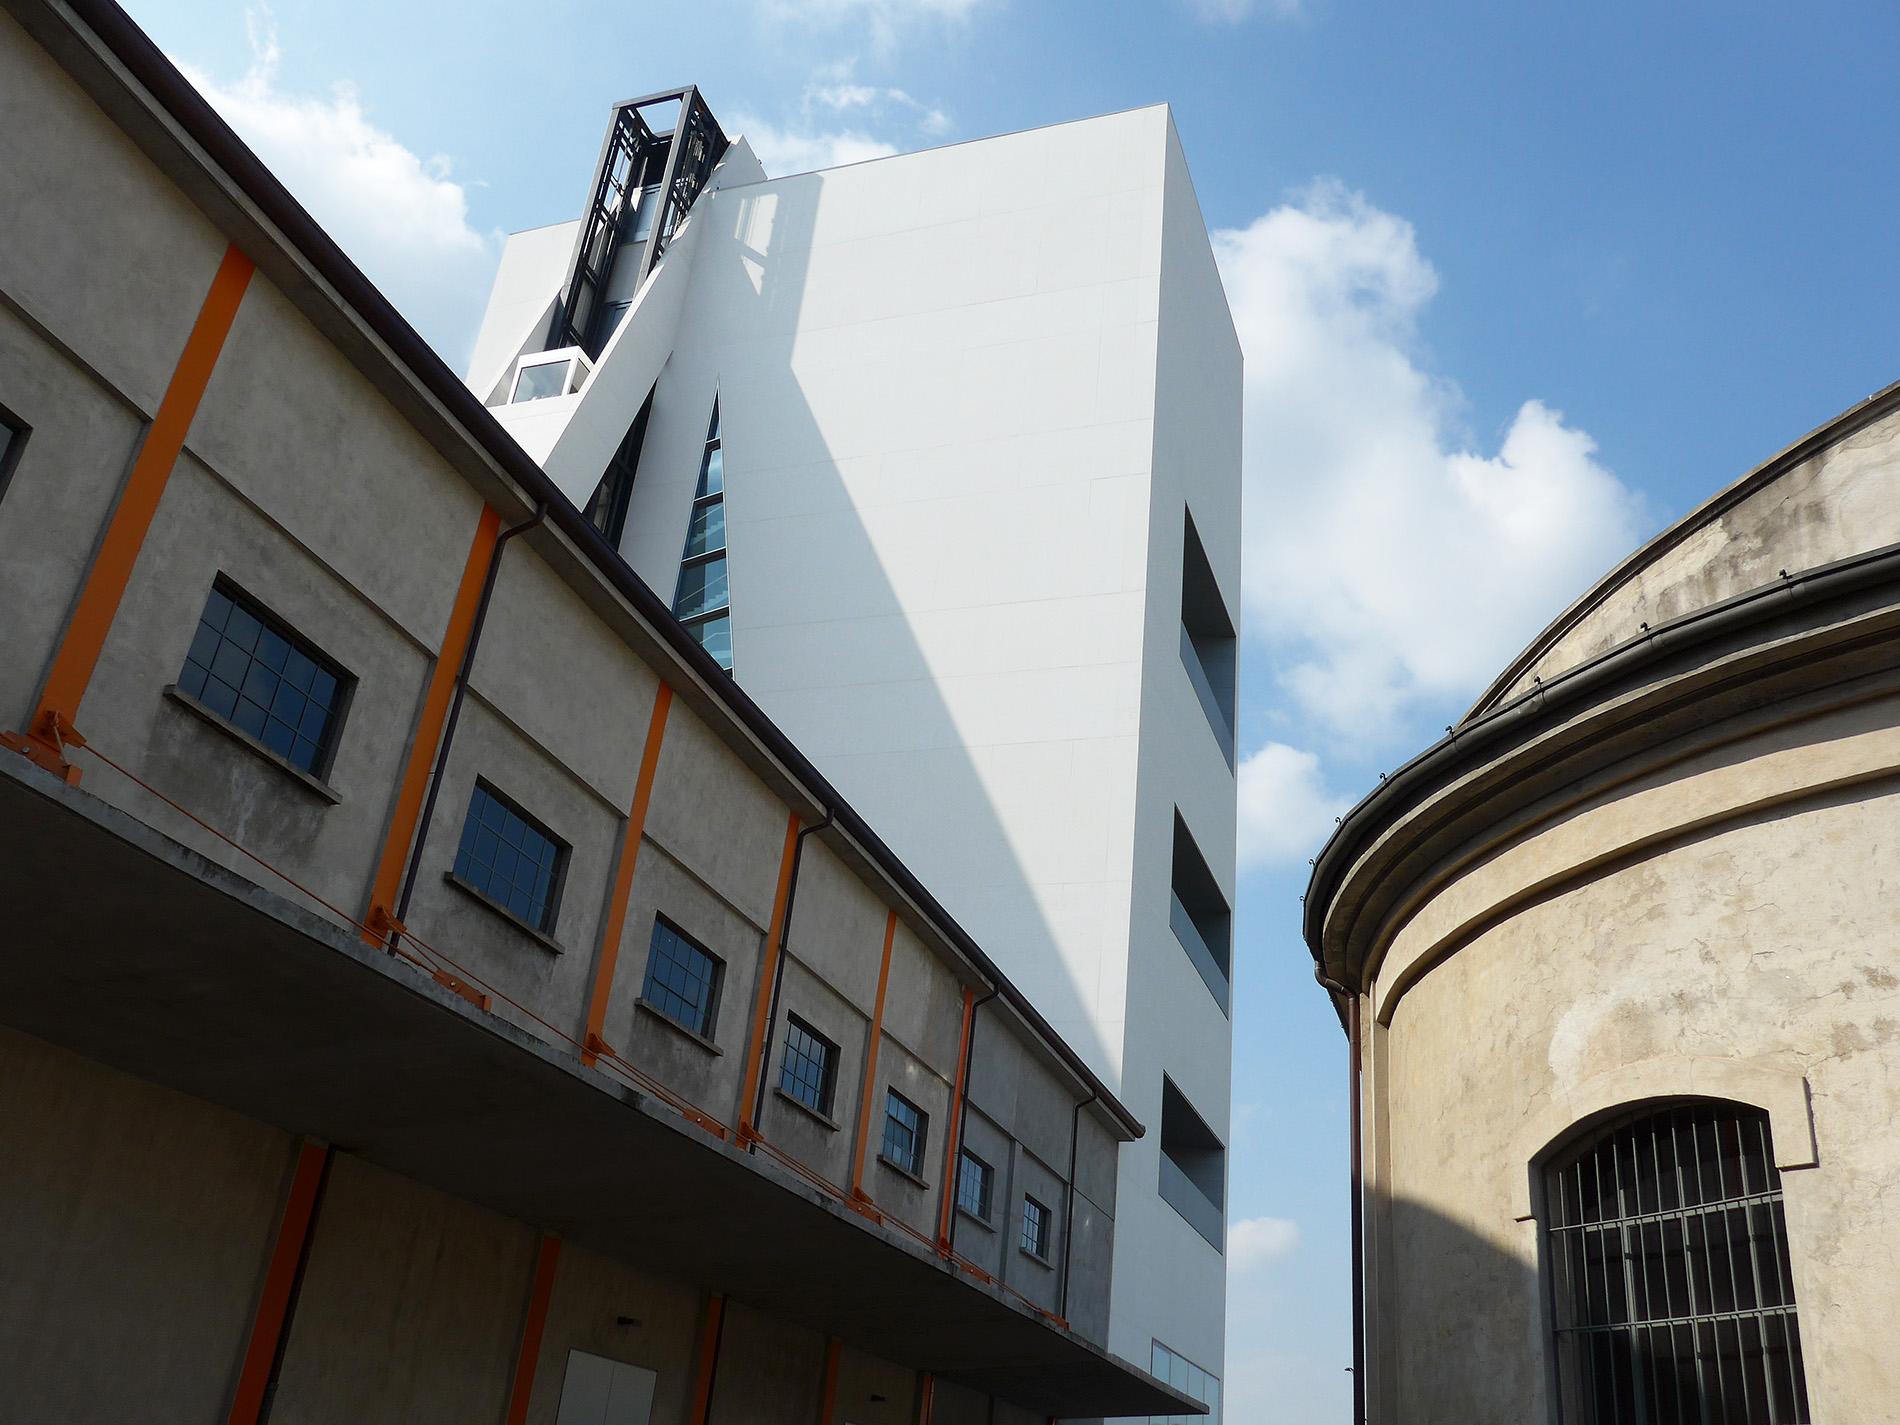 Torre – Fondazione Prada, der vertikale Turm kommuniziert mit den Industriebauten der Distillerie aus den Zehner-Jahren. Architekturprojekt OMA (Foto: Barbara Fässler)